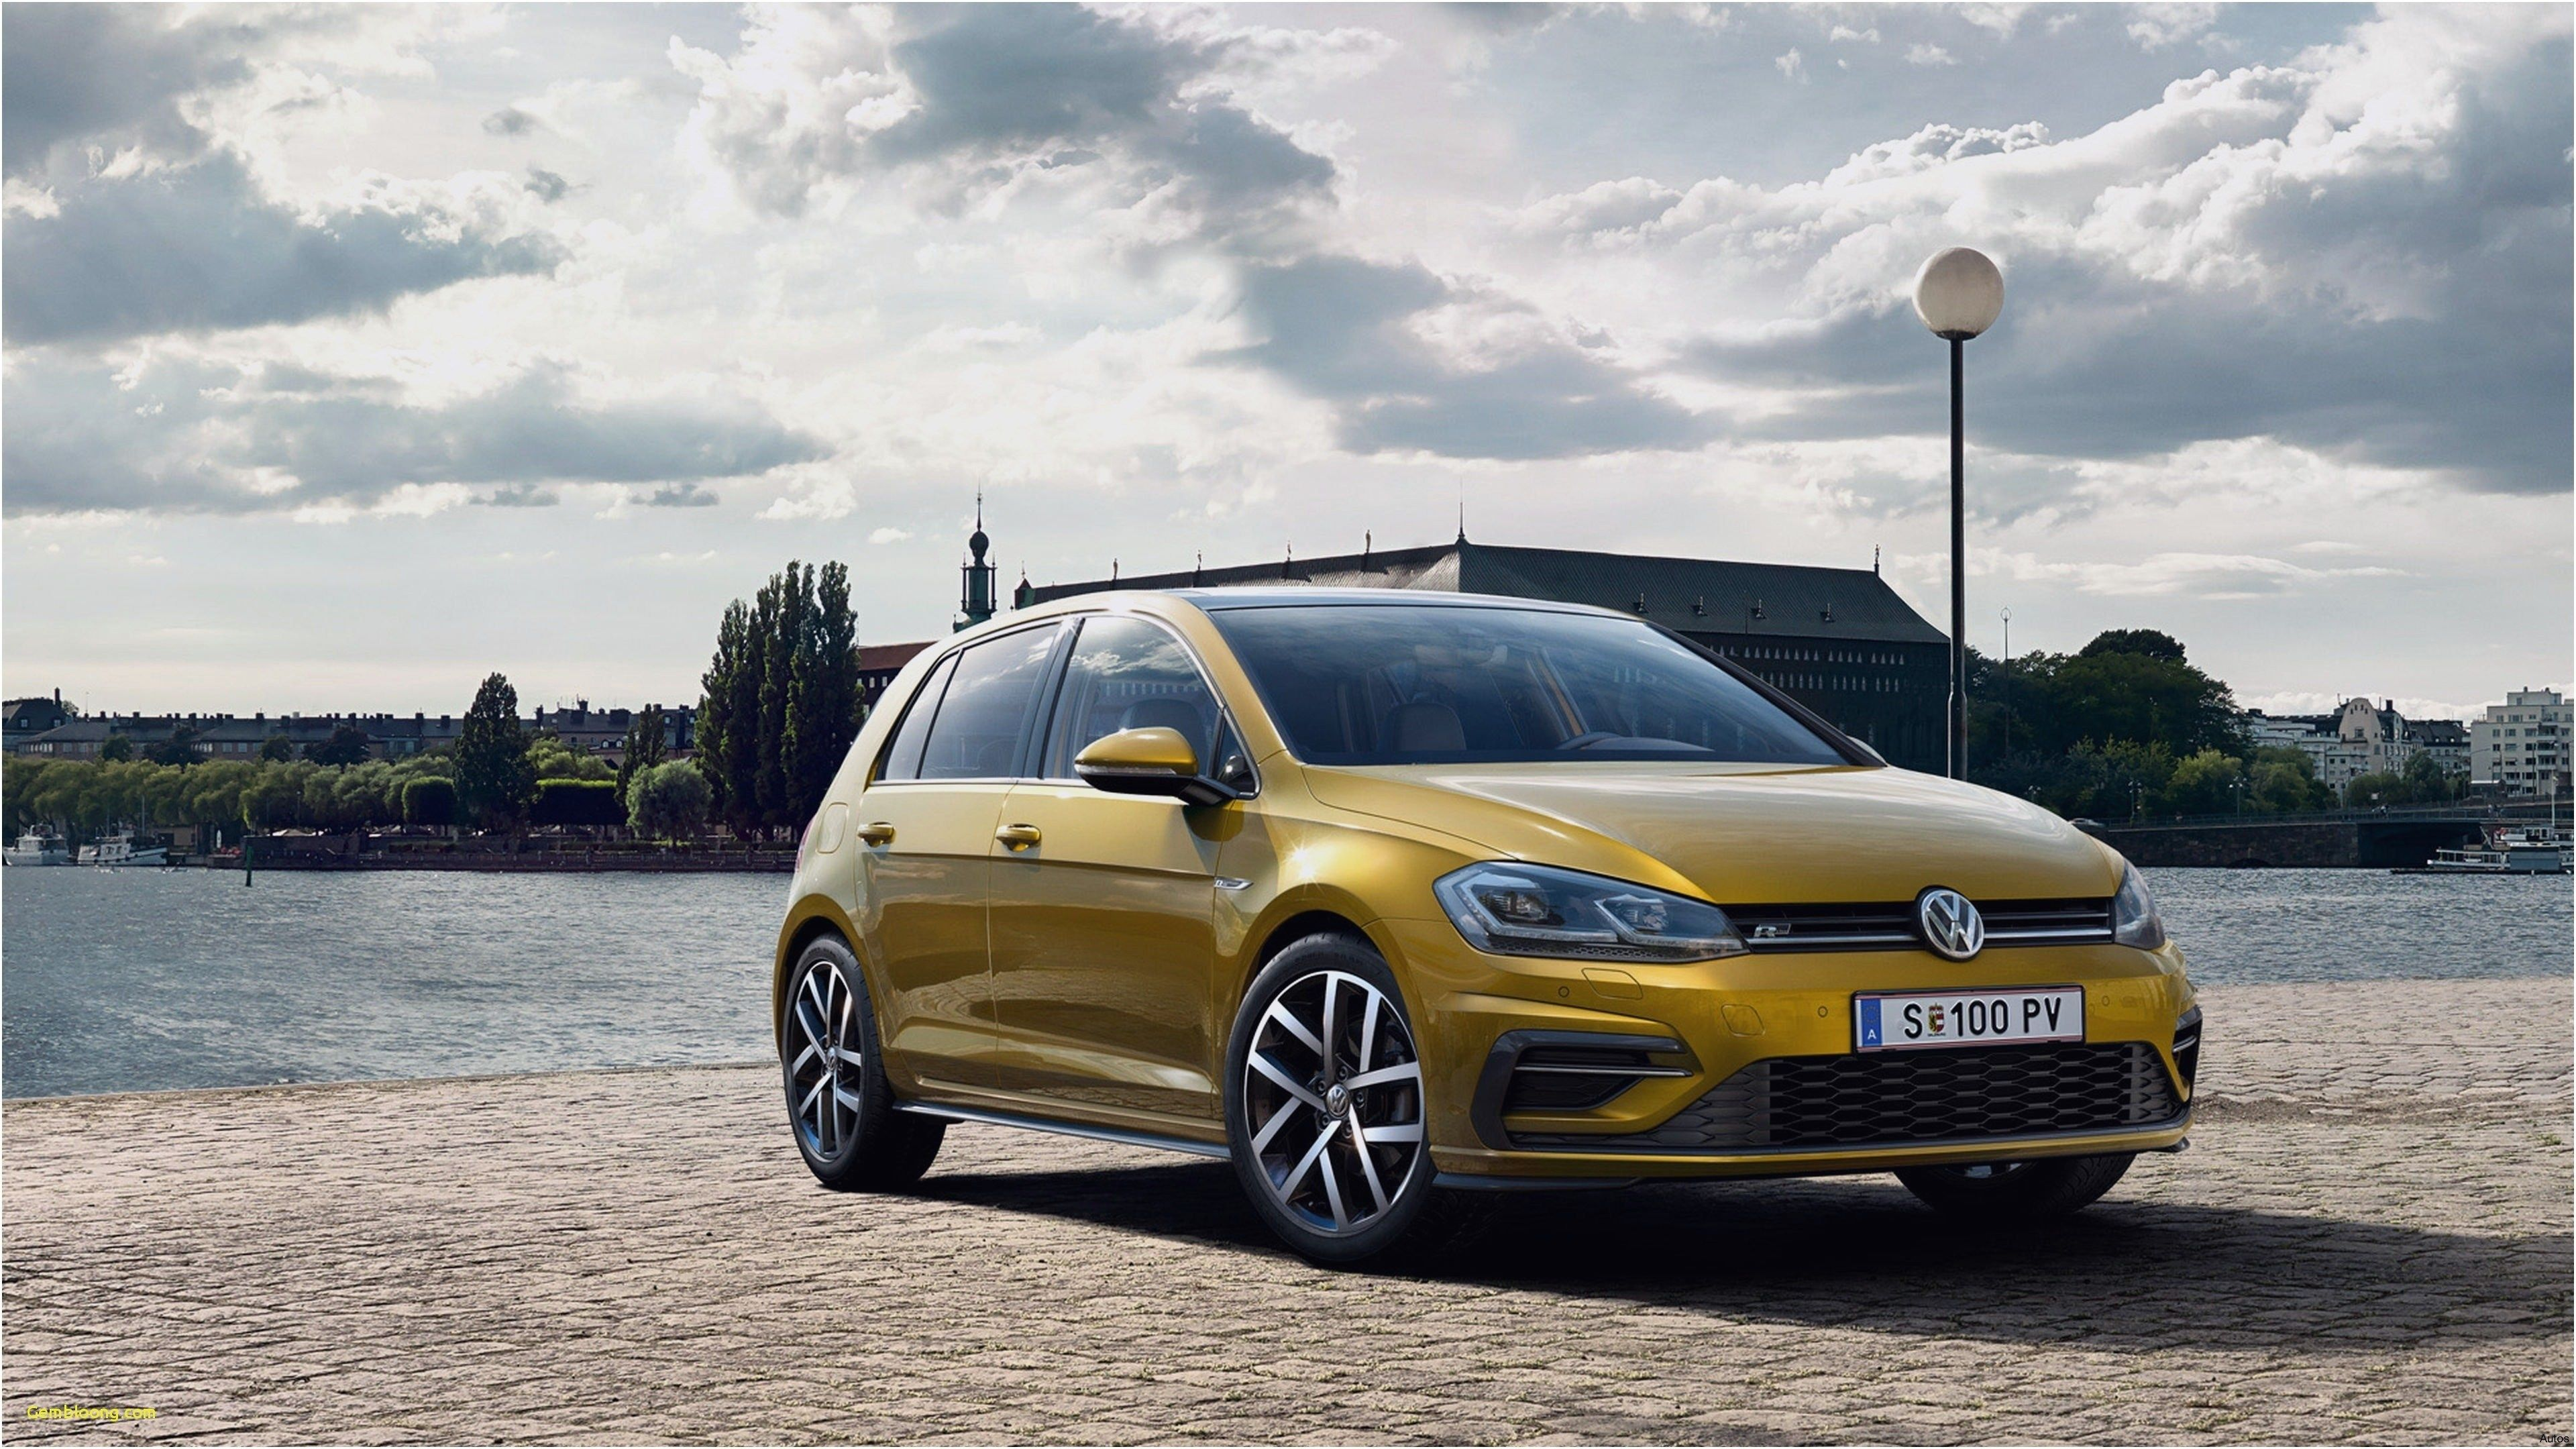 Volkswagen Golf Gtd 2020 Details Volkswagen, Volkswagen